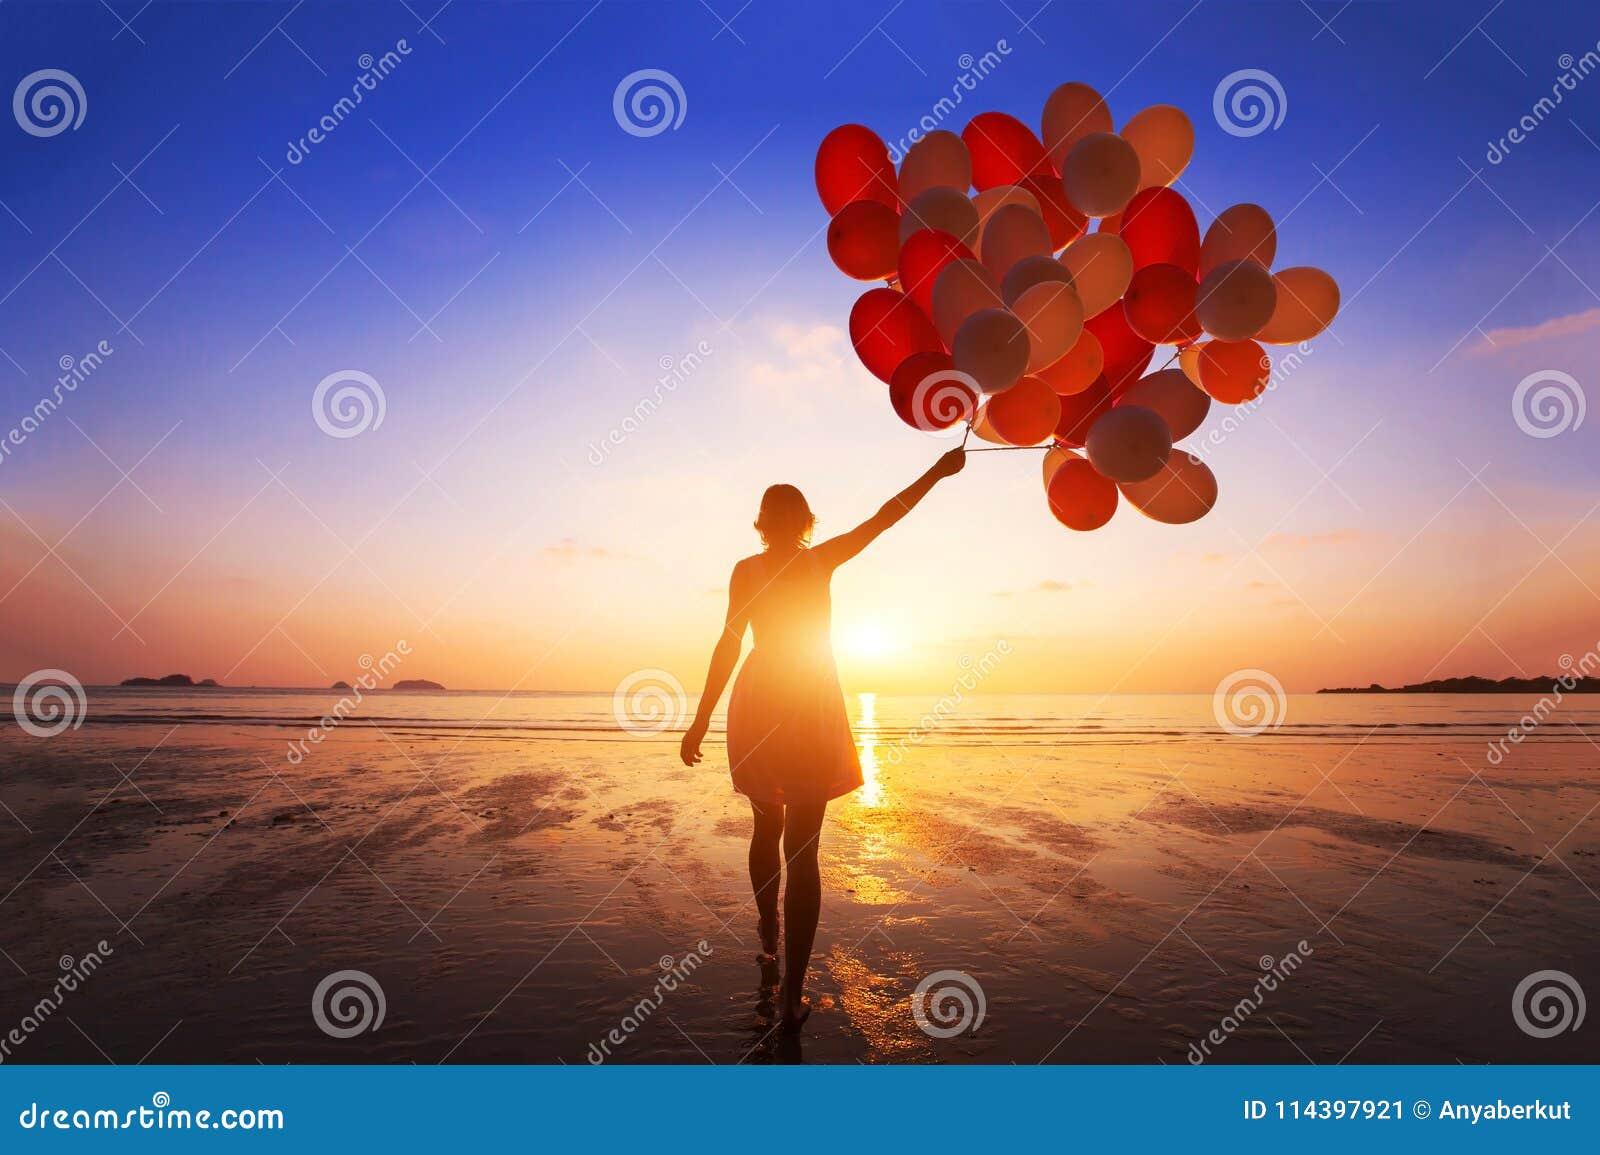 启发、喜悦和幸福概念,妇女剪影有许多飞行气球的